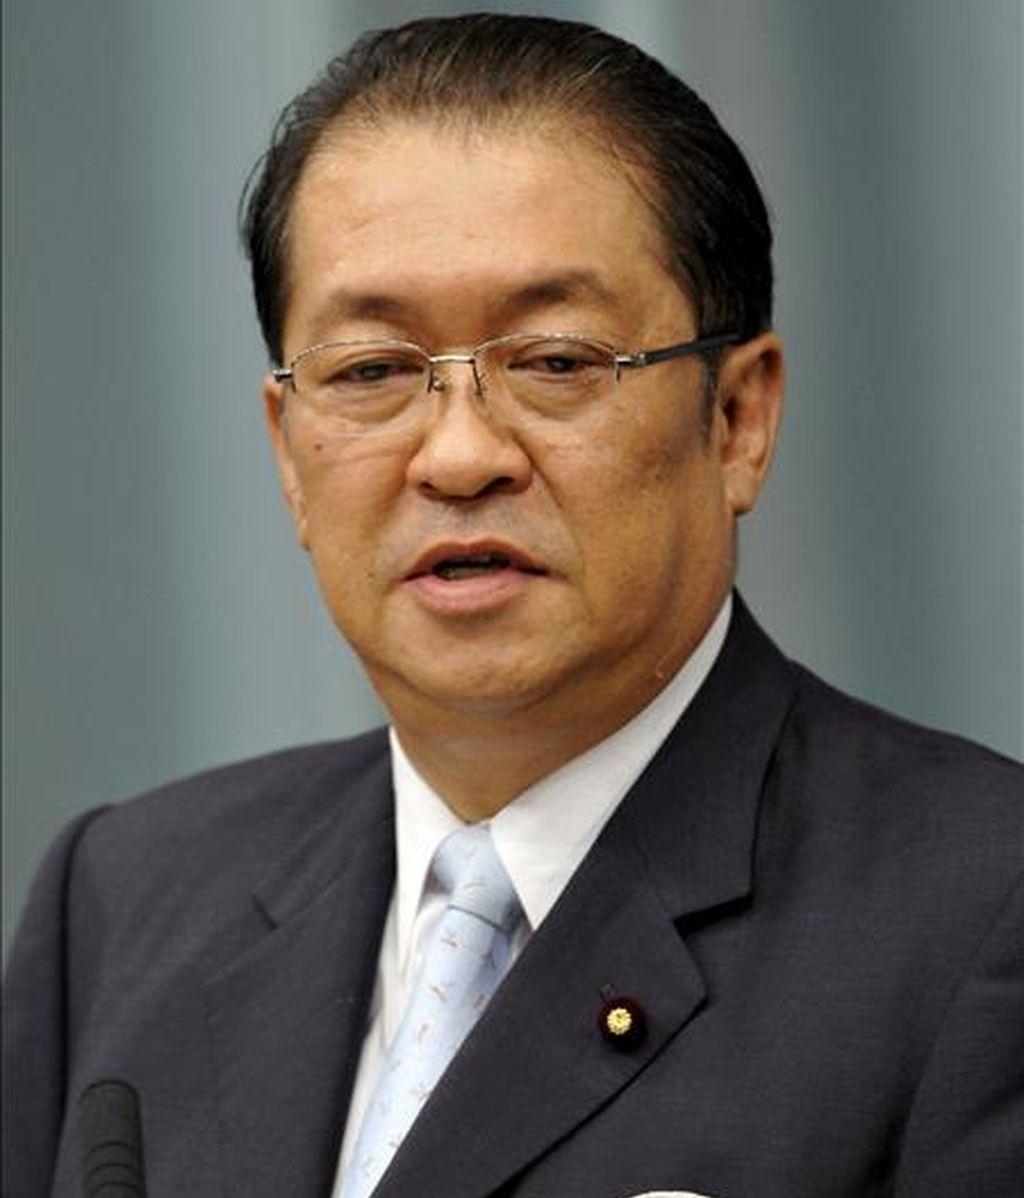 Fotografía tomada el 24 de septiembre de 2008 que muestra al ministro japonés de Asuntos Internos y Comunicaciones, Kunio Hatoyama, hablando durante una conferencia de prensa después de su nombramiento como ministro. Hatoyama renunció hoy, 12 de junio, por su desacuerdo con sus compañeros miembros del partido. EFE